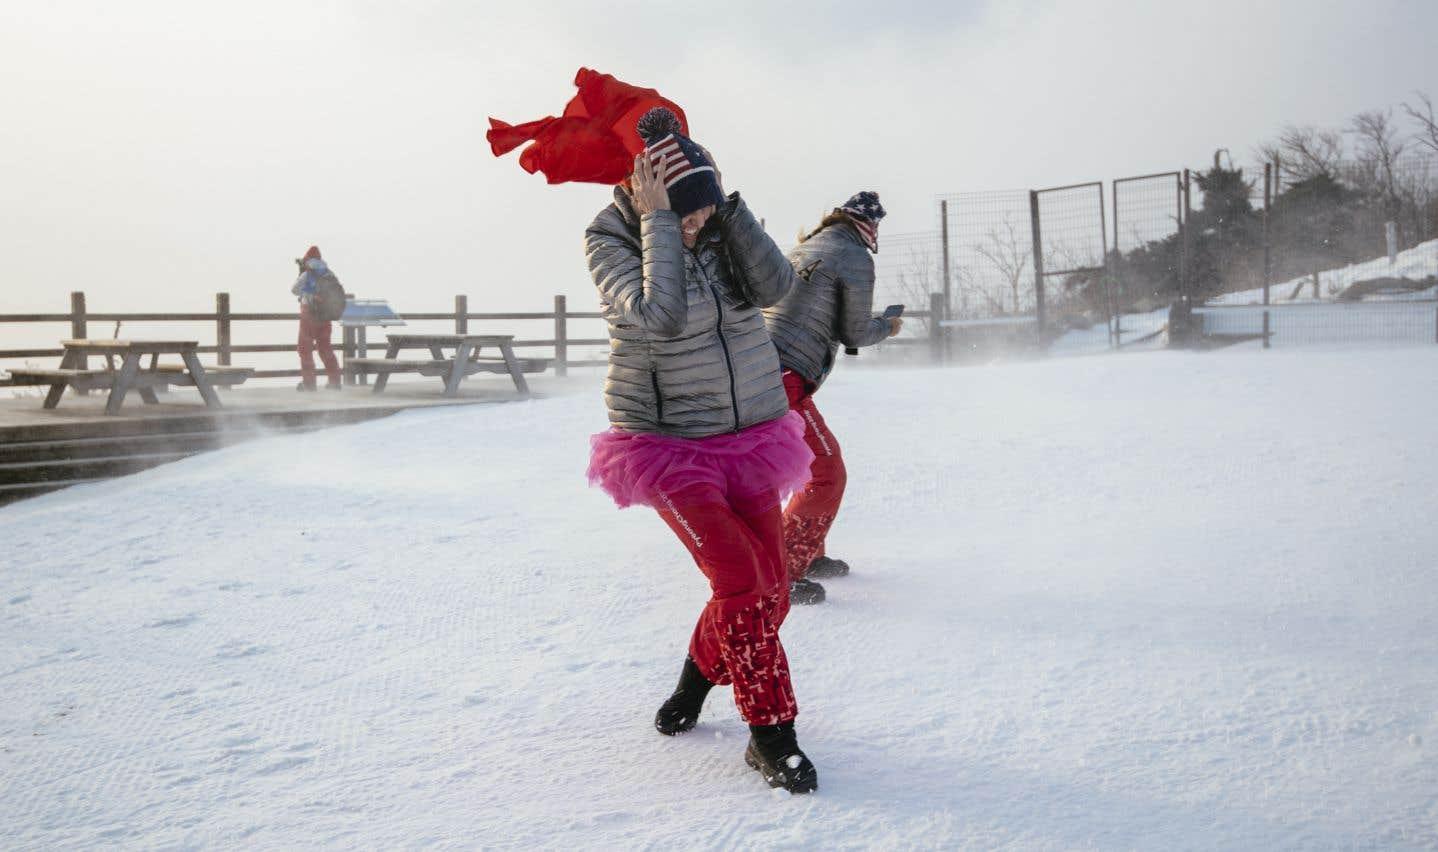 Les conditions venteuses dans les montagnes ont déjà entraîné l'ajournement de plusieurs épreuves, notamment le slalom féminin.